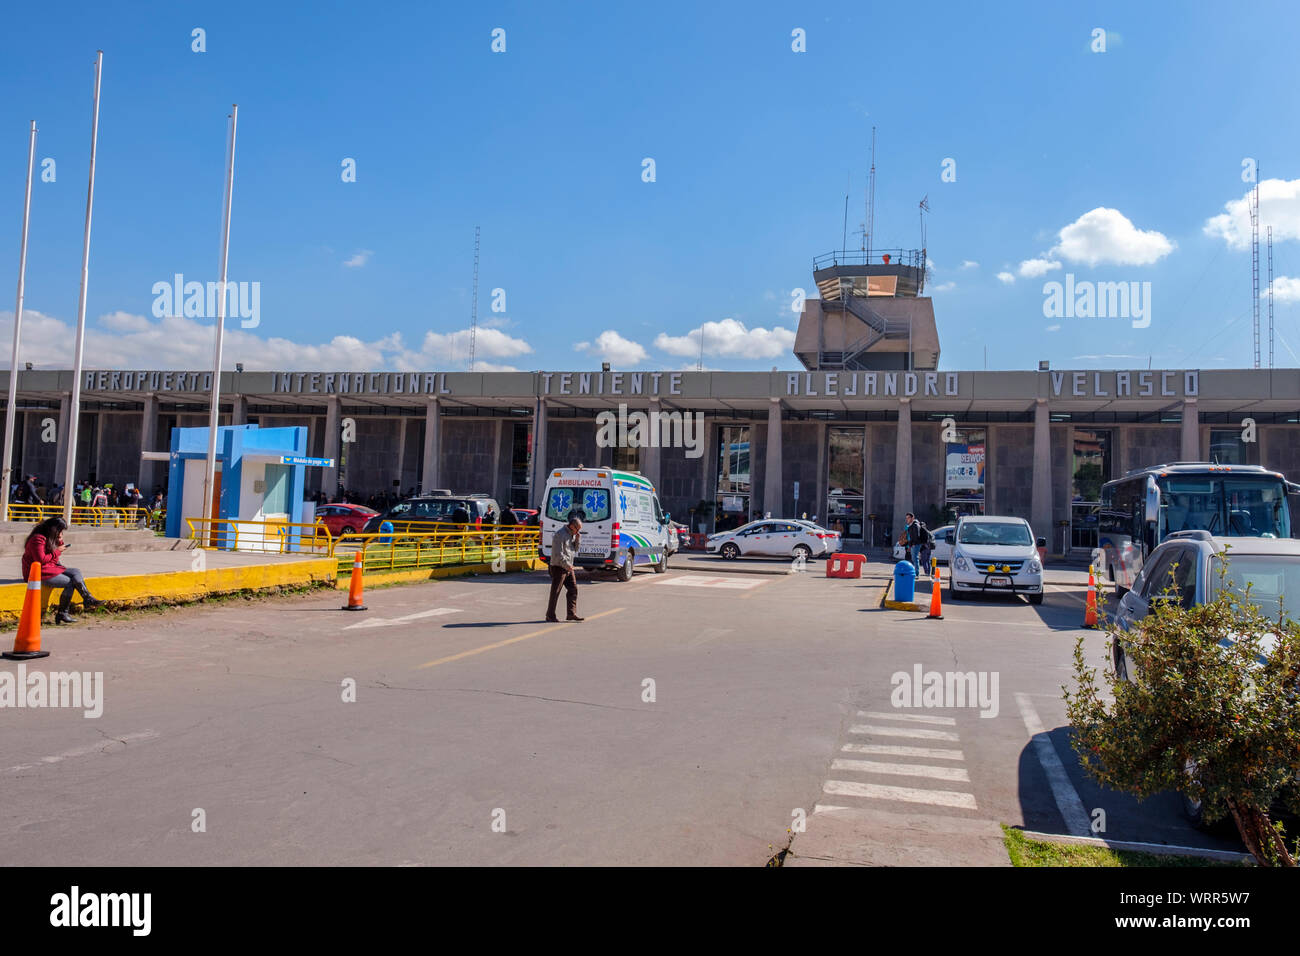 Exterior Fuera De Teniente Alejandro Velasco Astete El Aeropuerto Internacional El Aeropuerto De Cusco Cusco Peru Fotografia De Stock Alamy